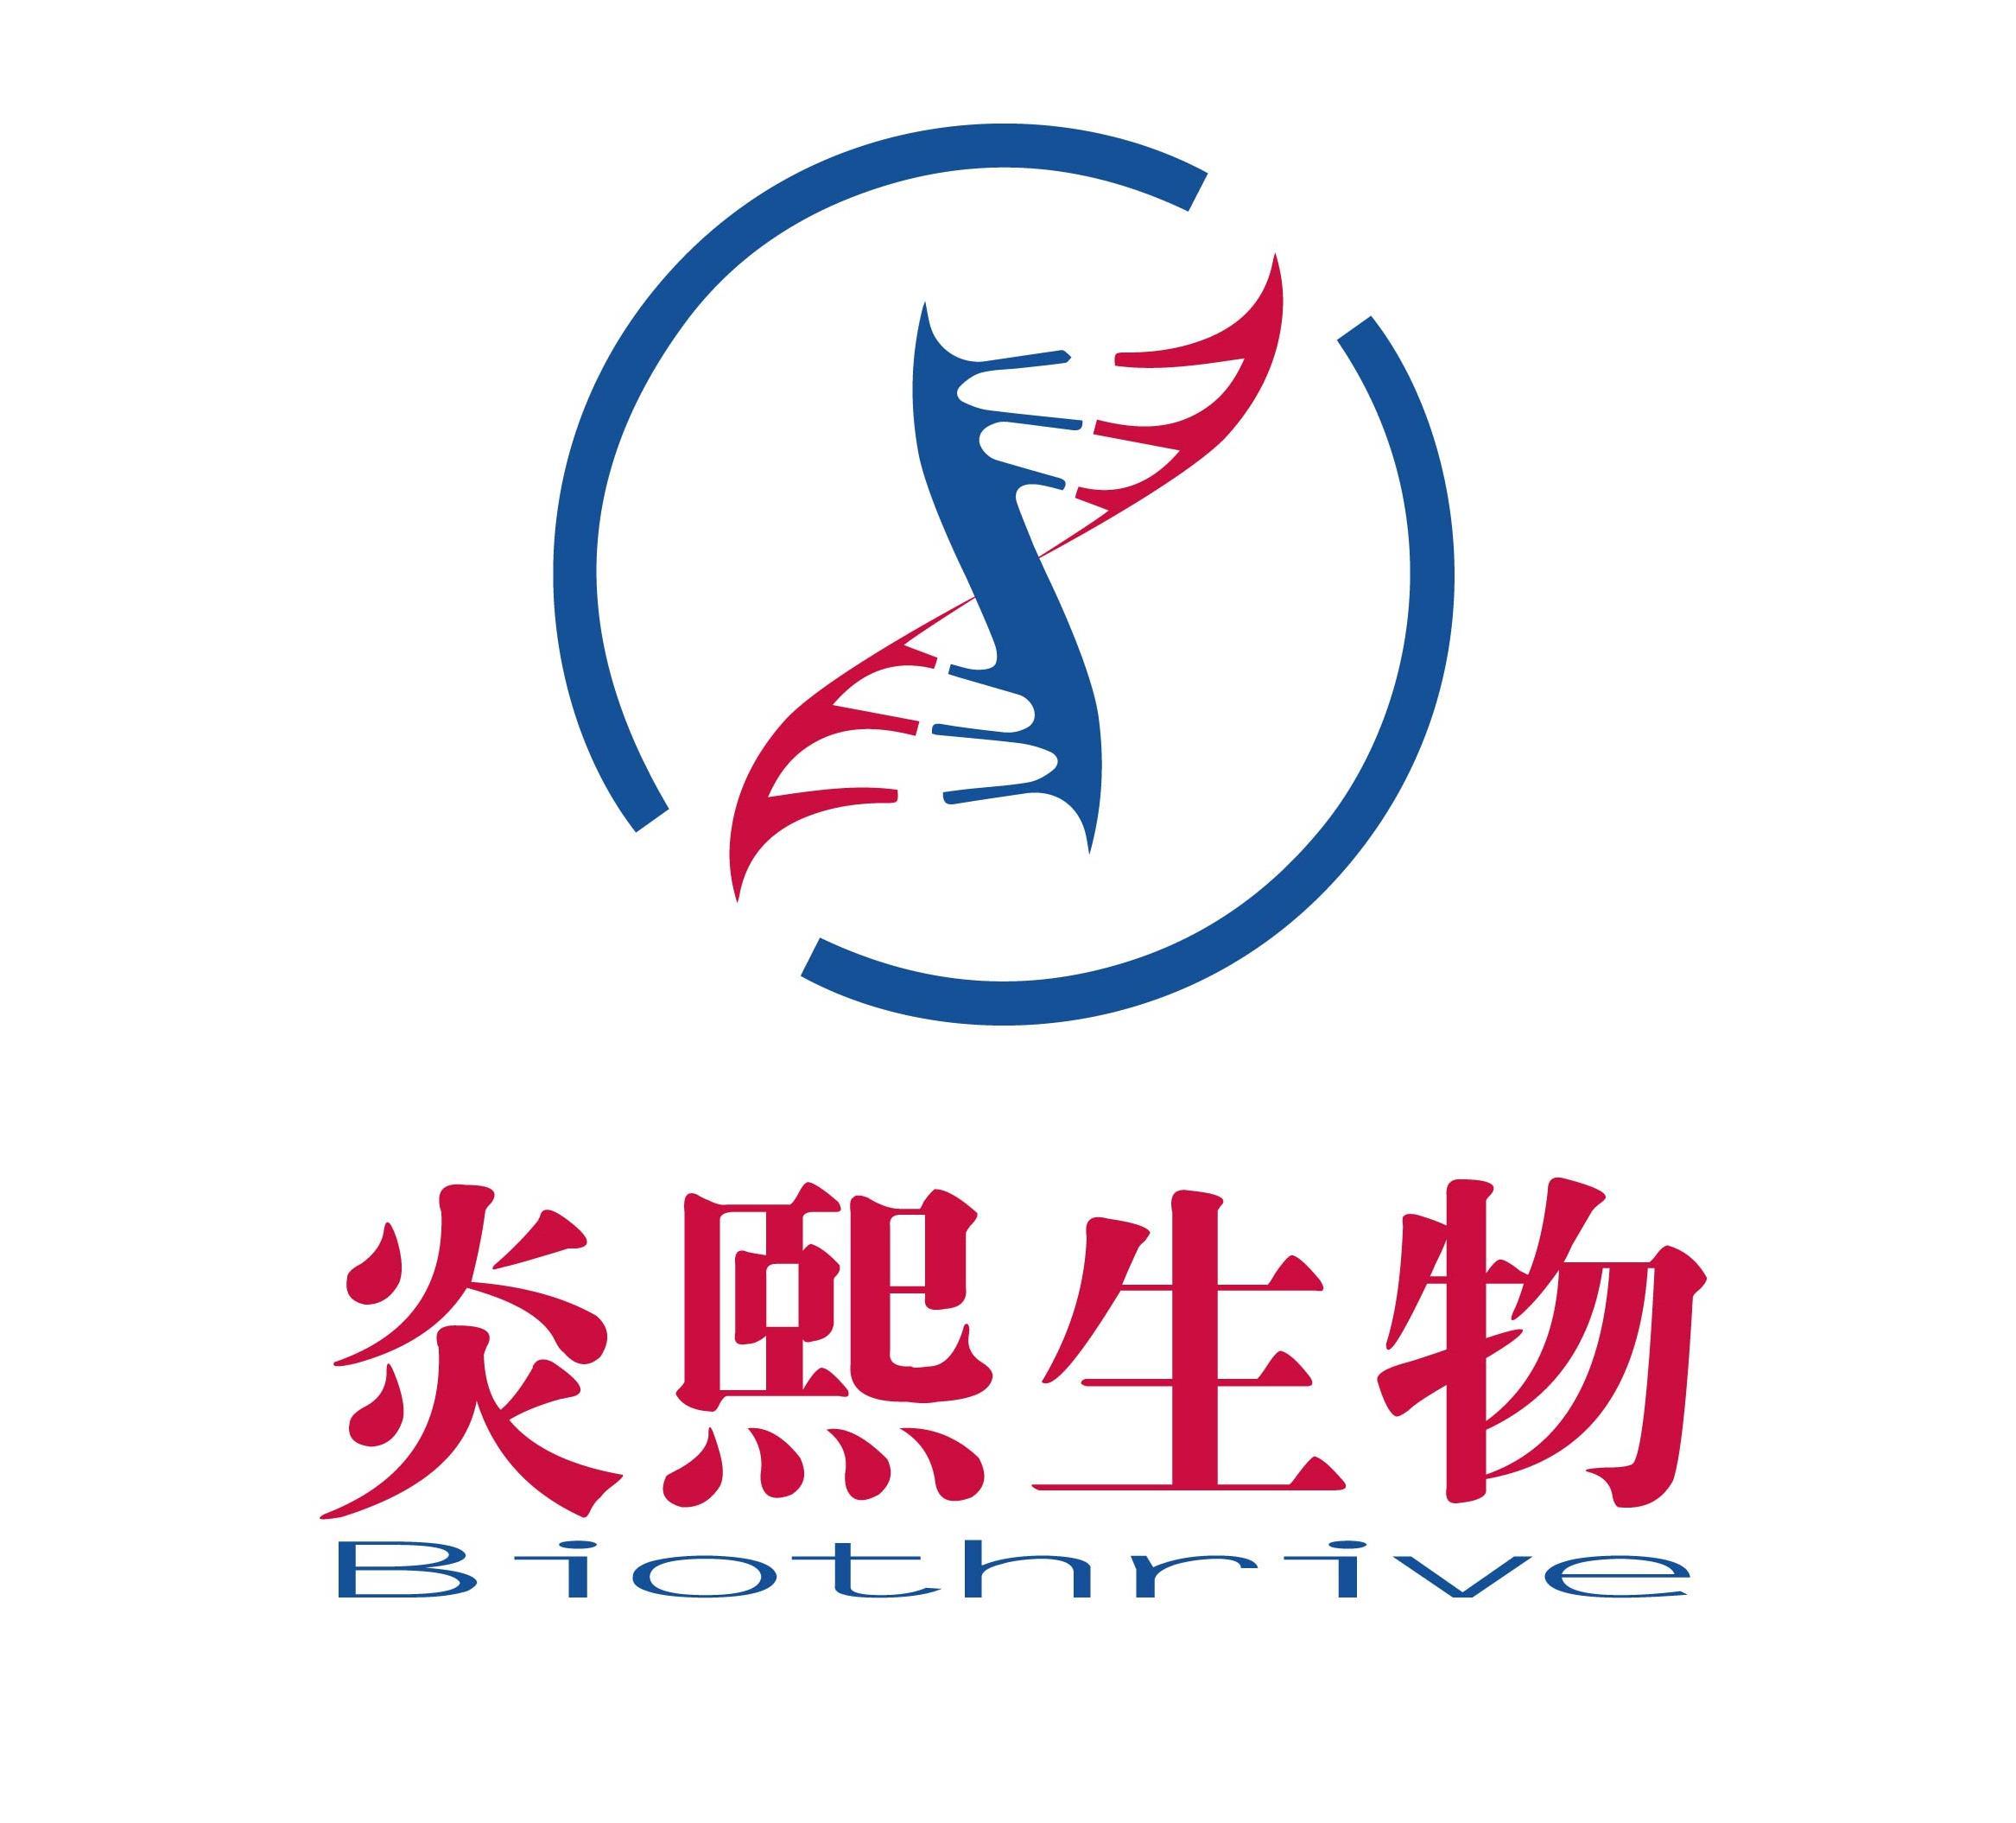 上海炎熙生物科技有限公司